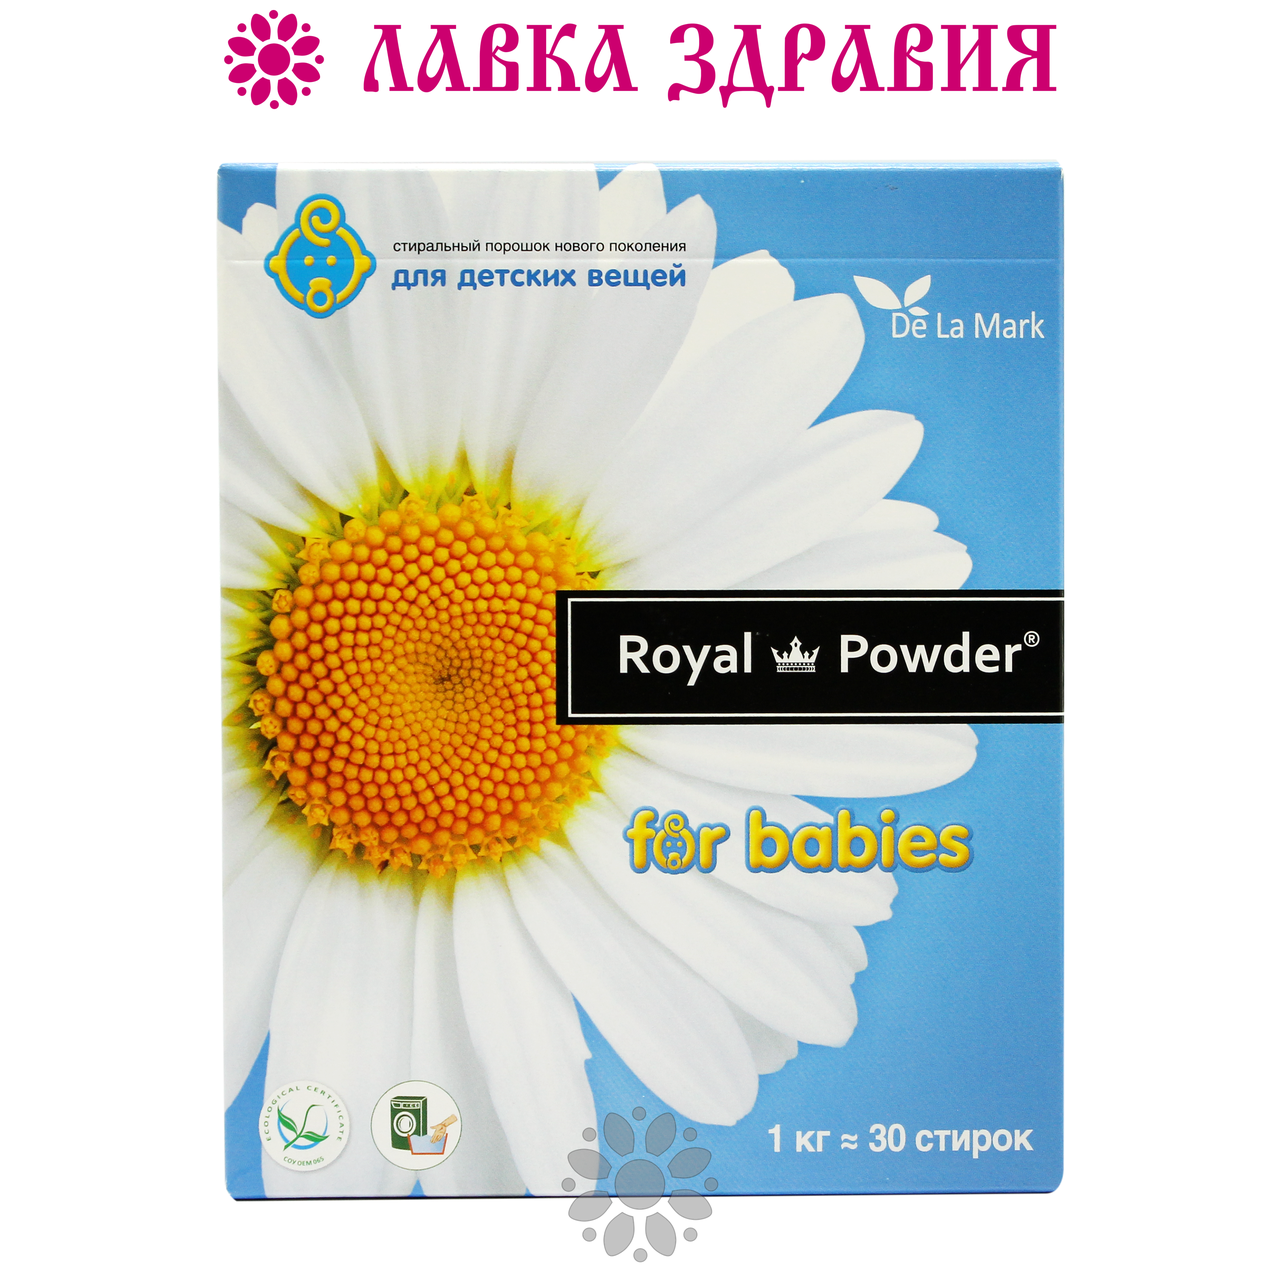 Концентрированный бесфосфатный стиральный порошок Royal Powder Baby, 1 кг